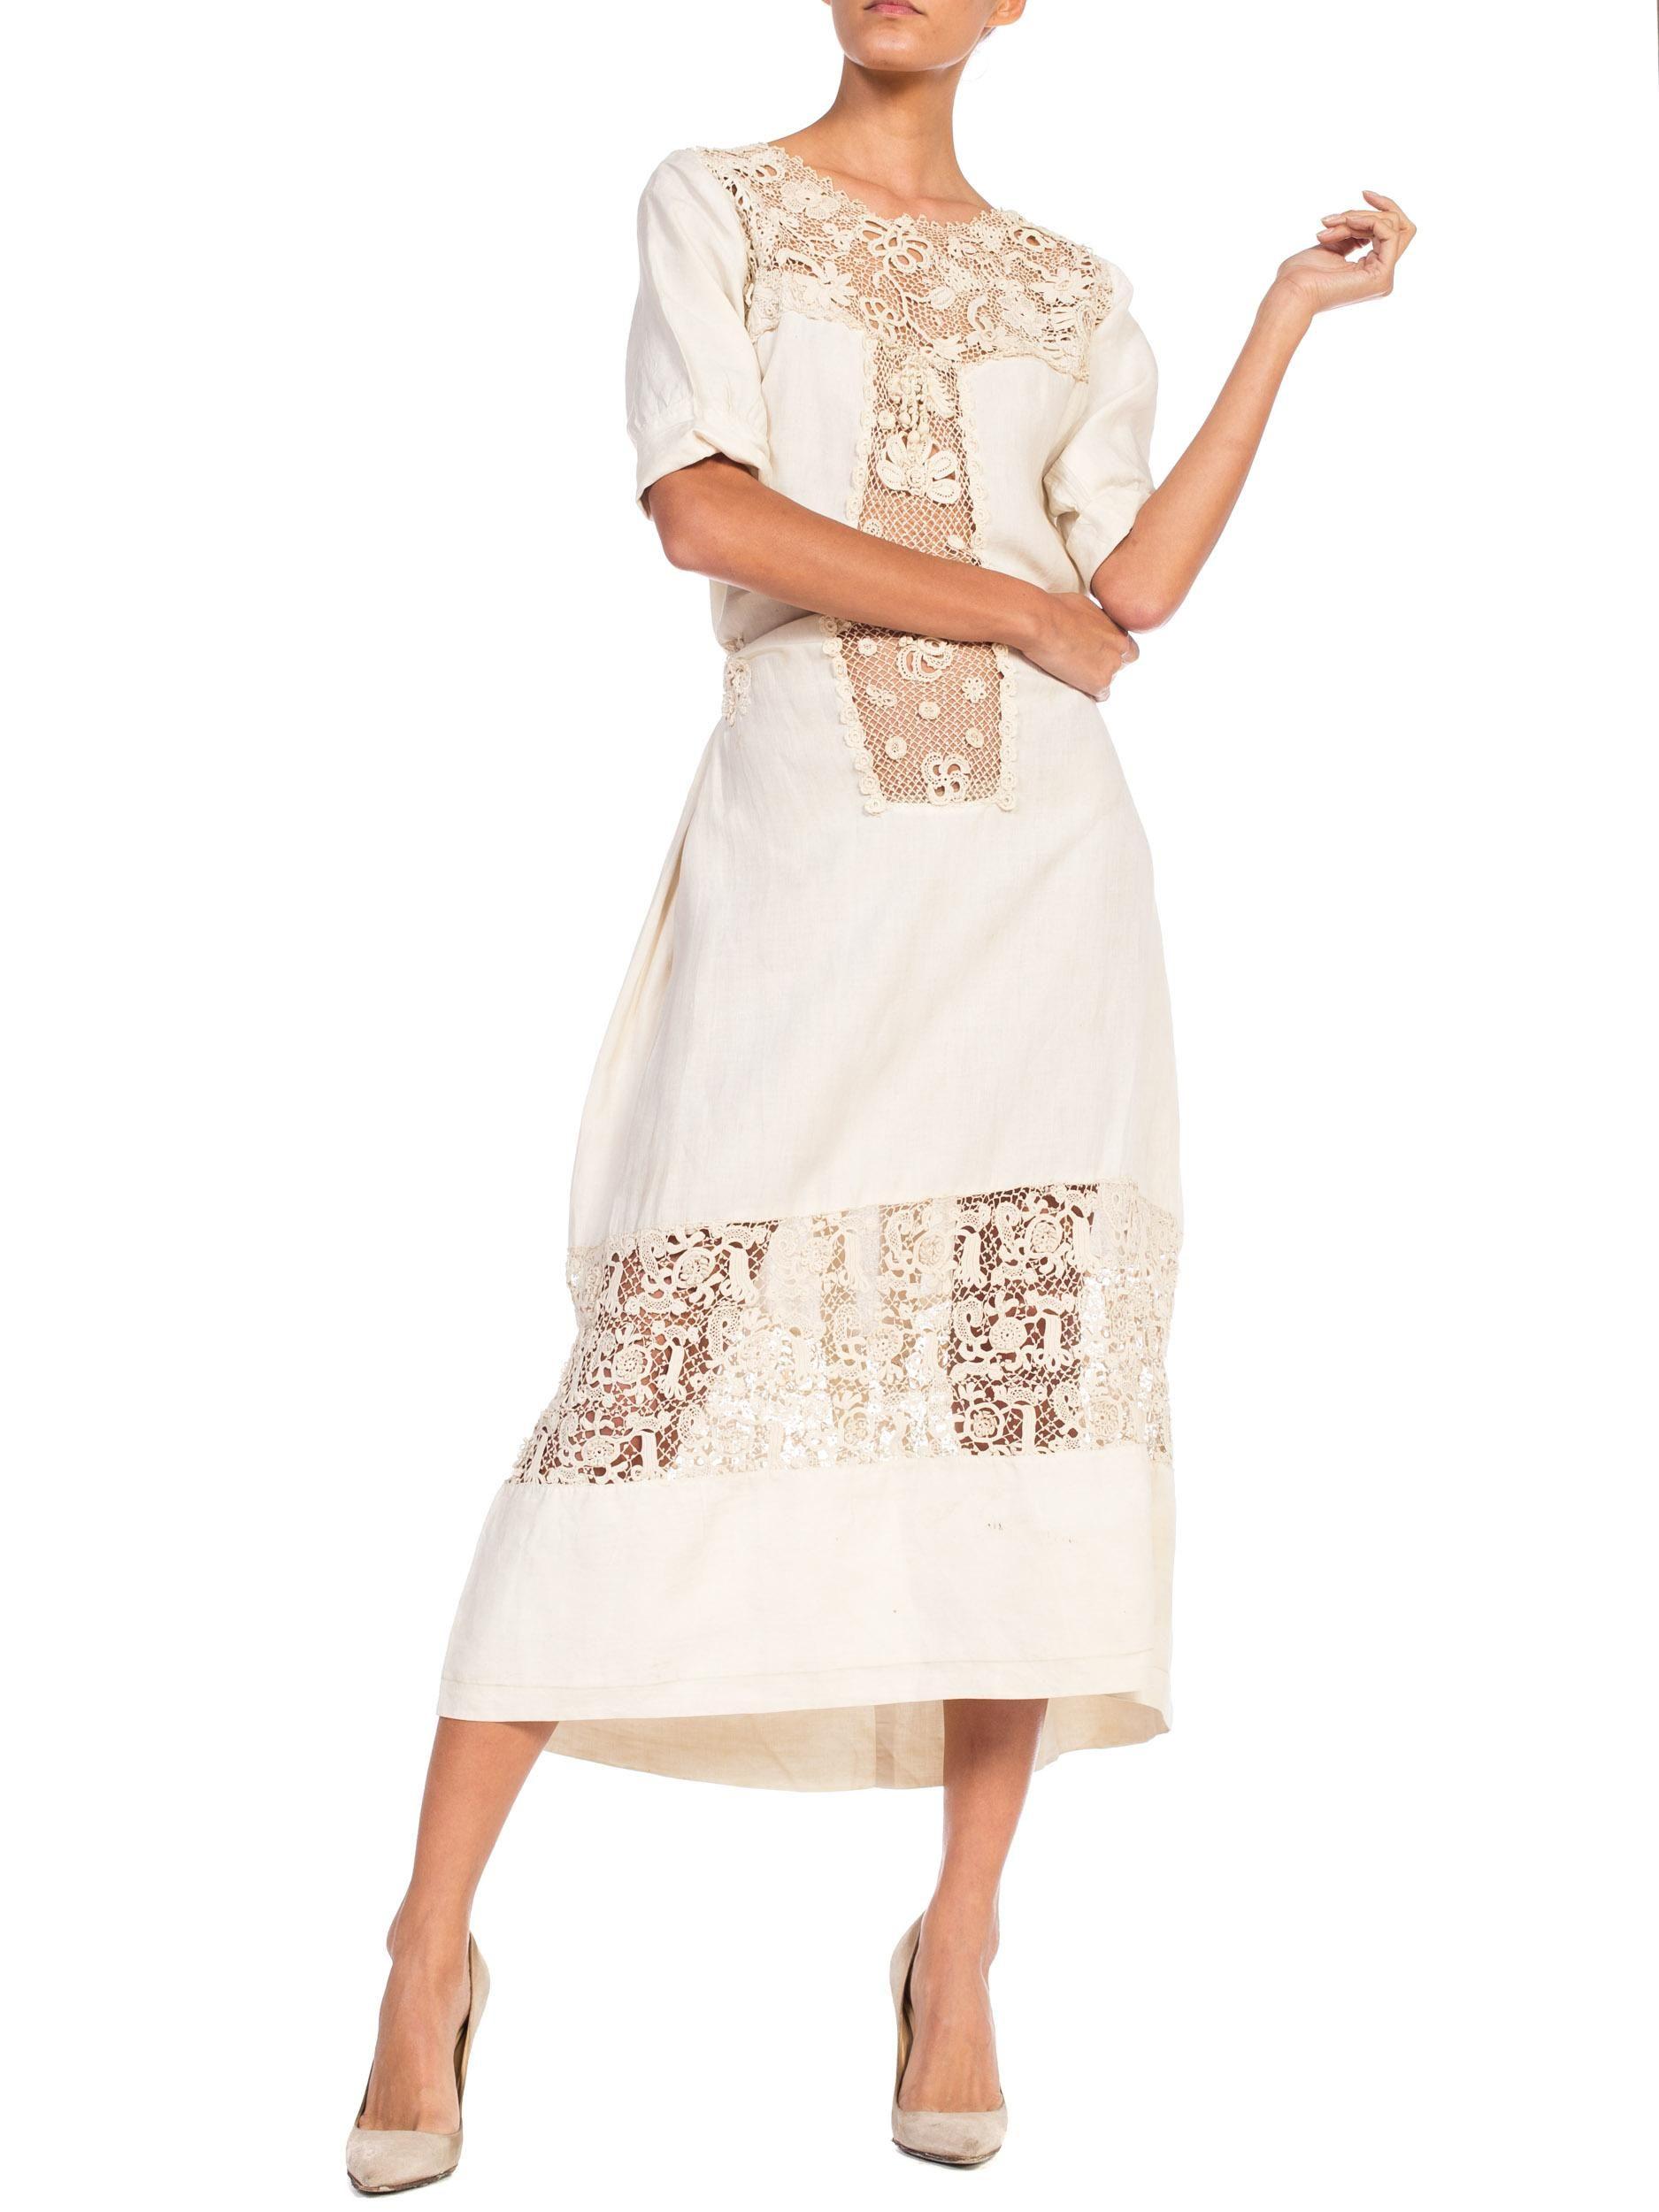 Edwardian Organic Linen Dress With Irish Crochet Lace